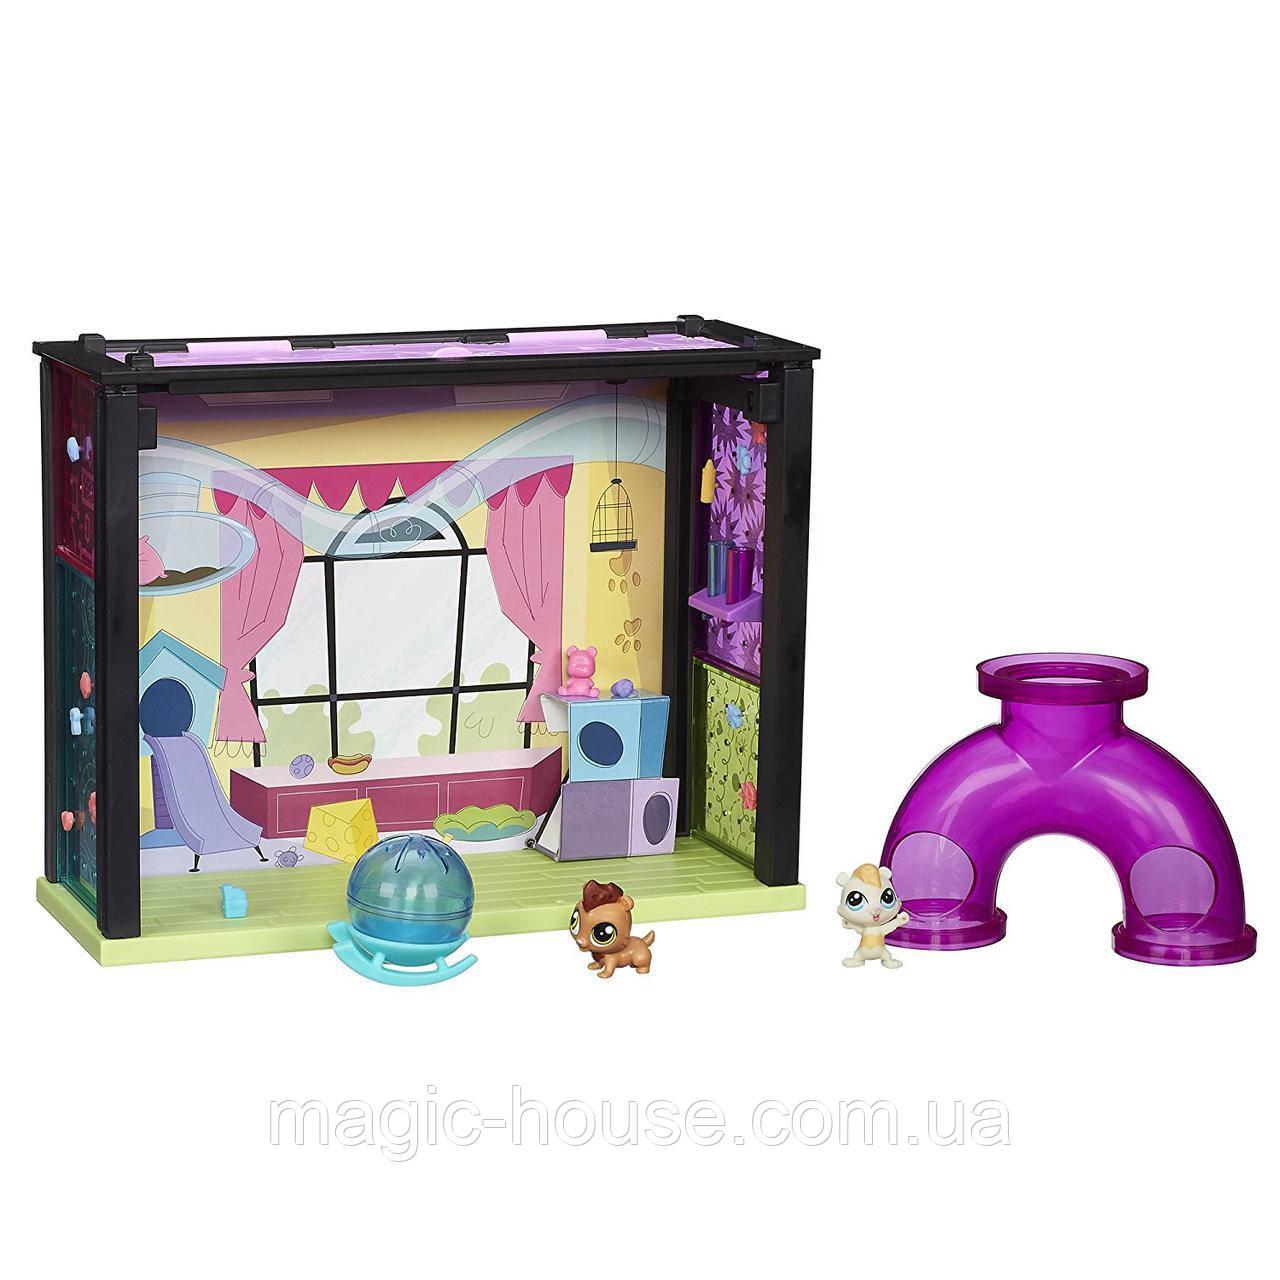 Littlest Pet Shop Игровой набор Стеклянная комната Mаленький Зоомагазин Литл Пет Шоп Pet-acular Fun Room Style